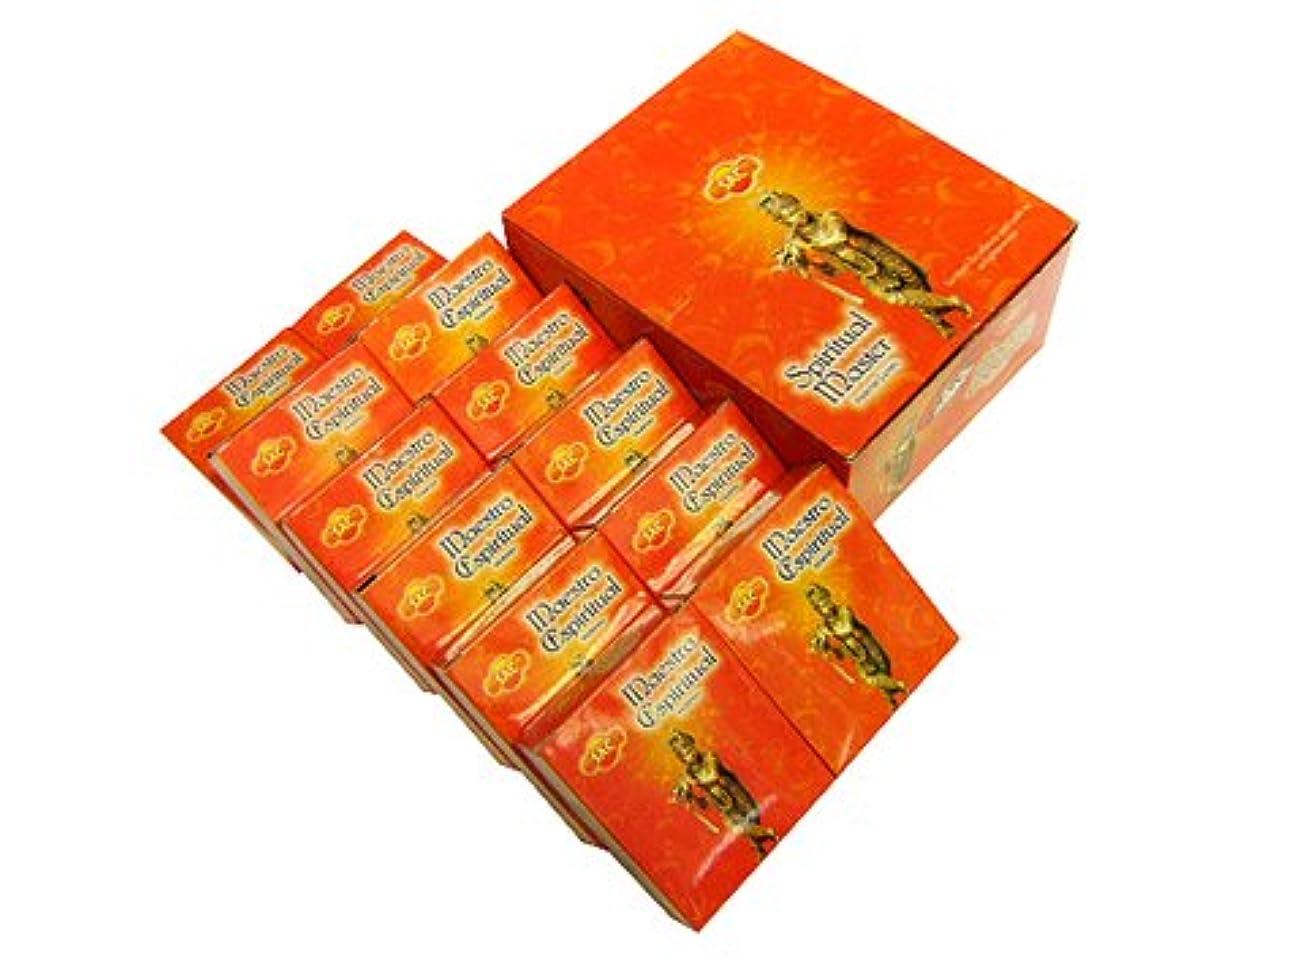 豊富なマキシム許可するSANDESH SAC (サンデッシュ) スピリチュアルマスター香コーンタイプ SPIRITUAL MASTER CORN 12箱セット